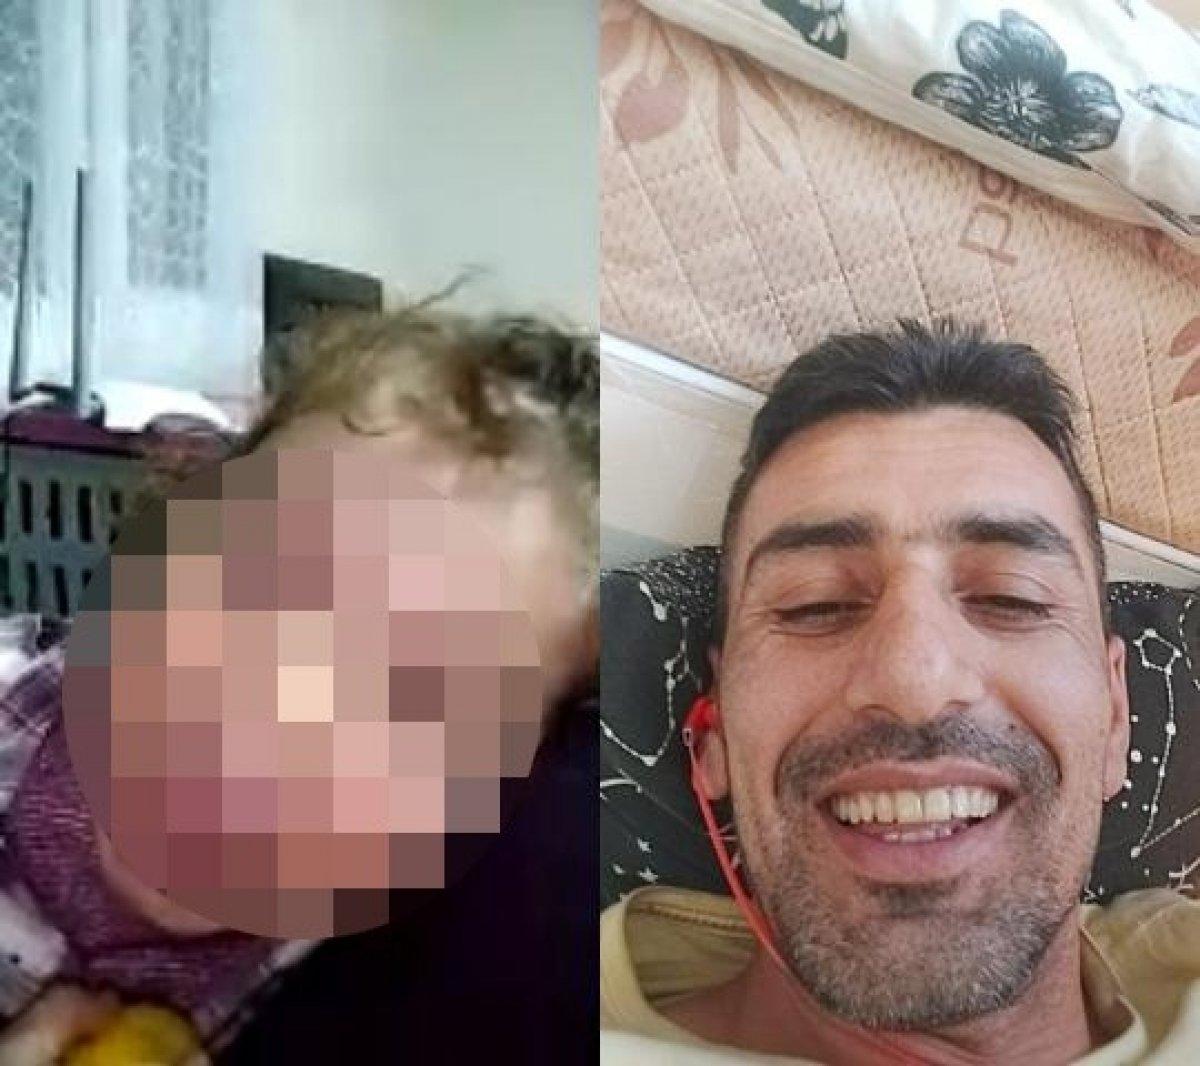 Kayseri de çocuğu işkence gören babanın açıklamaları #3